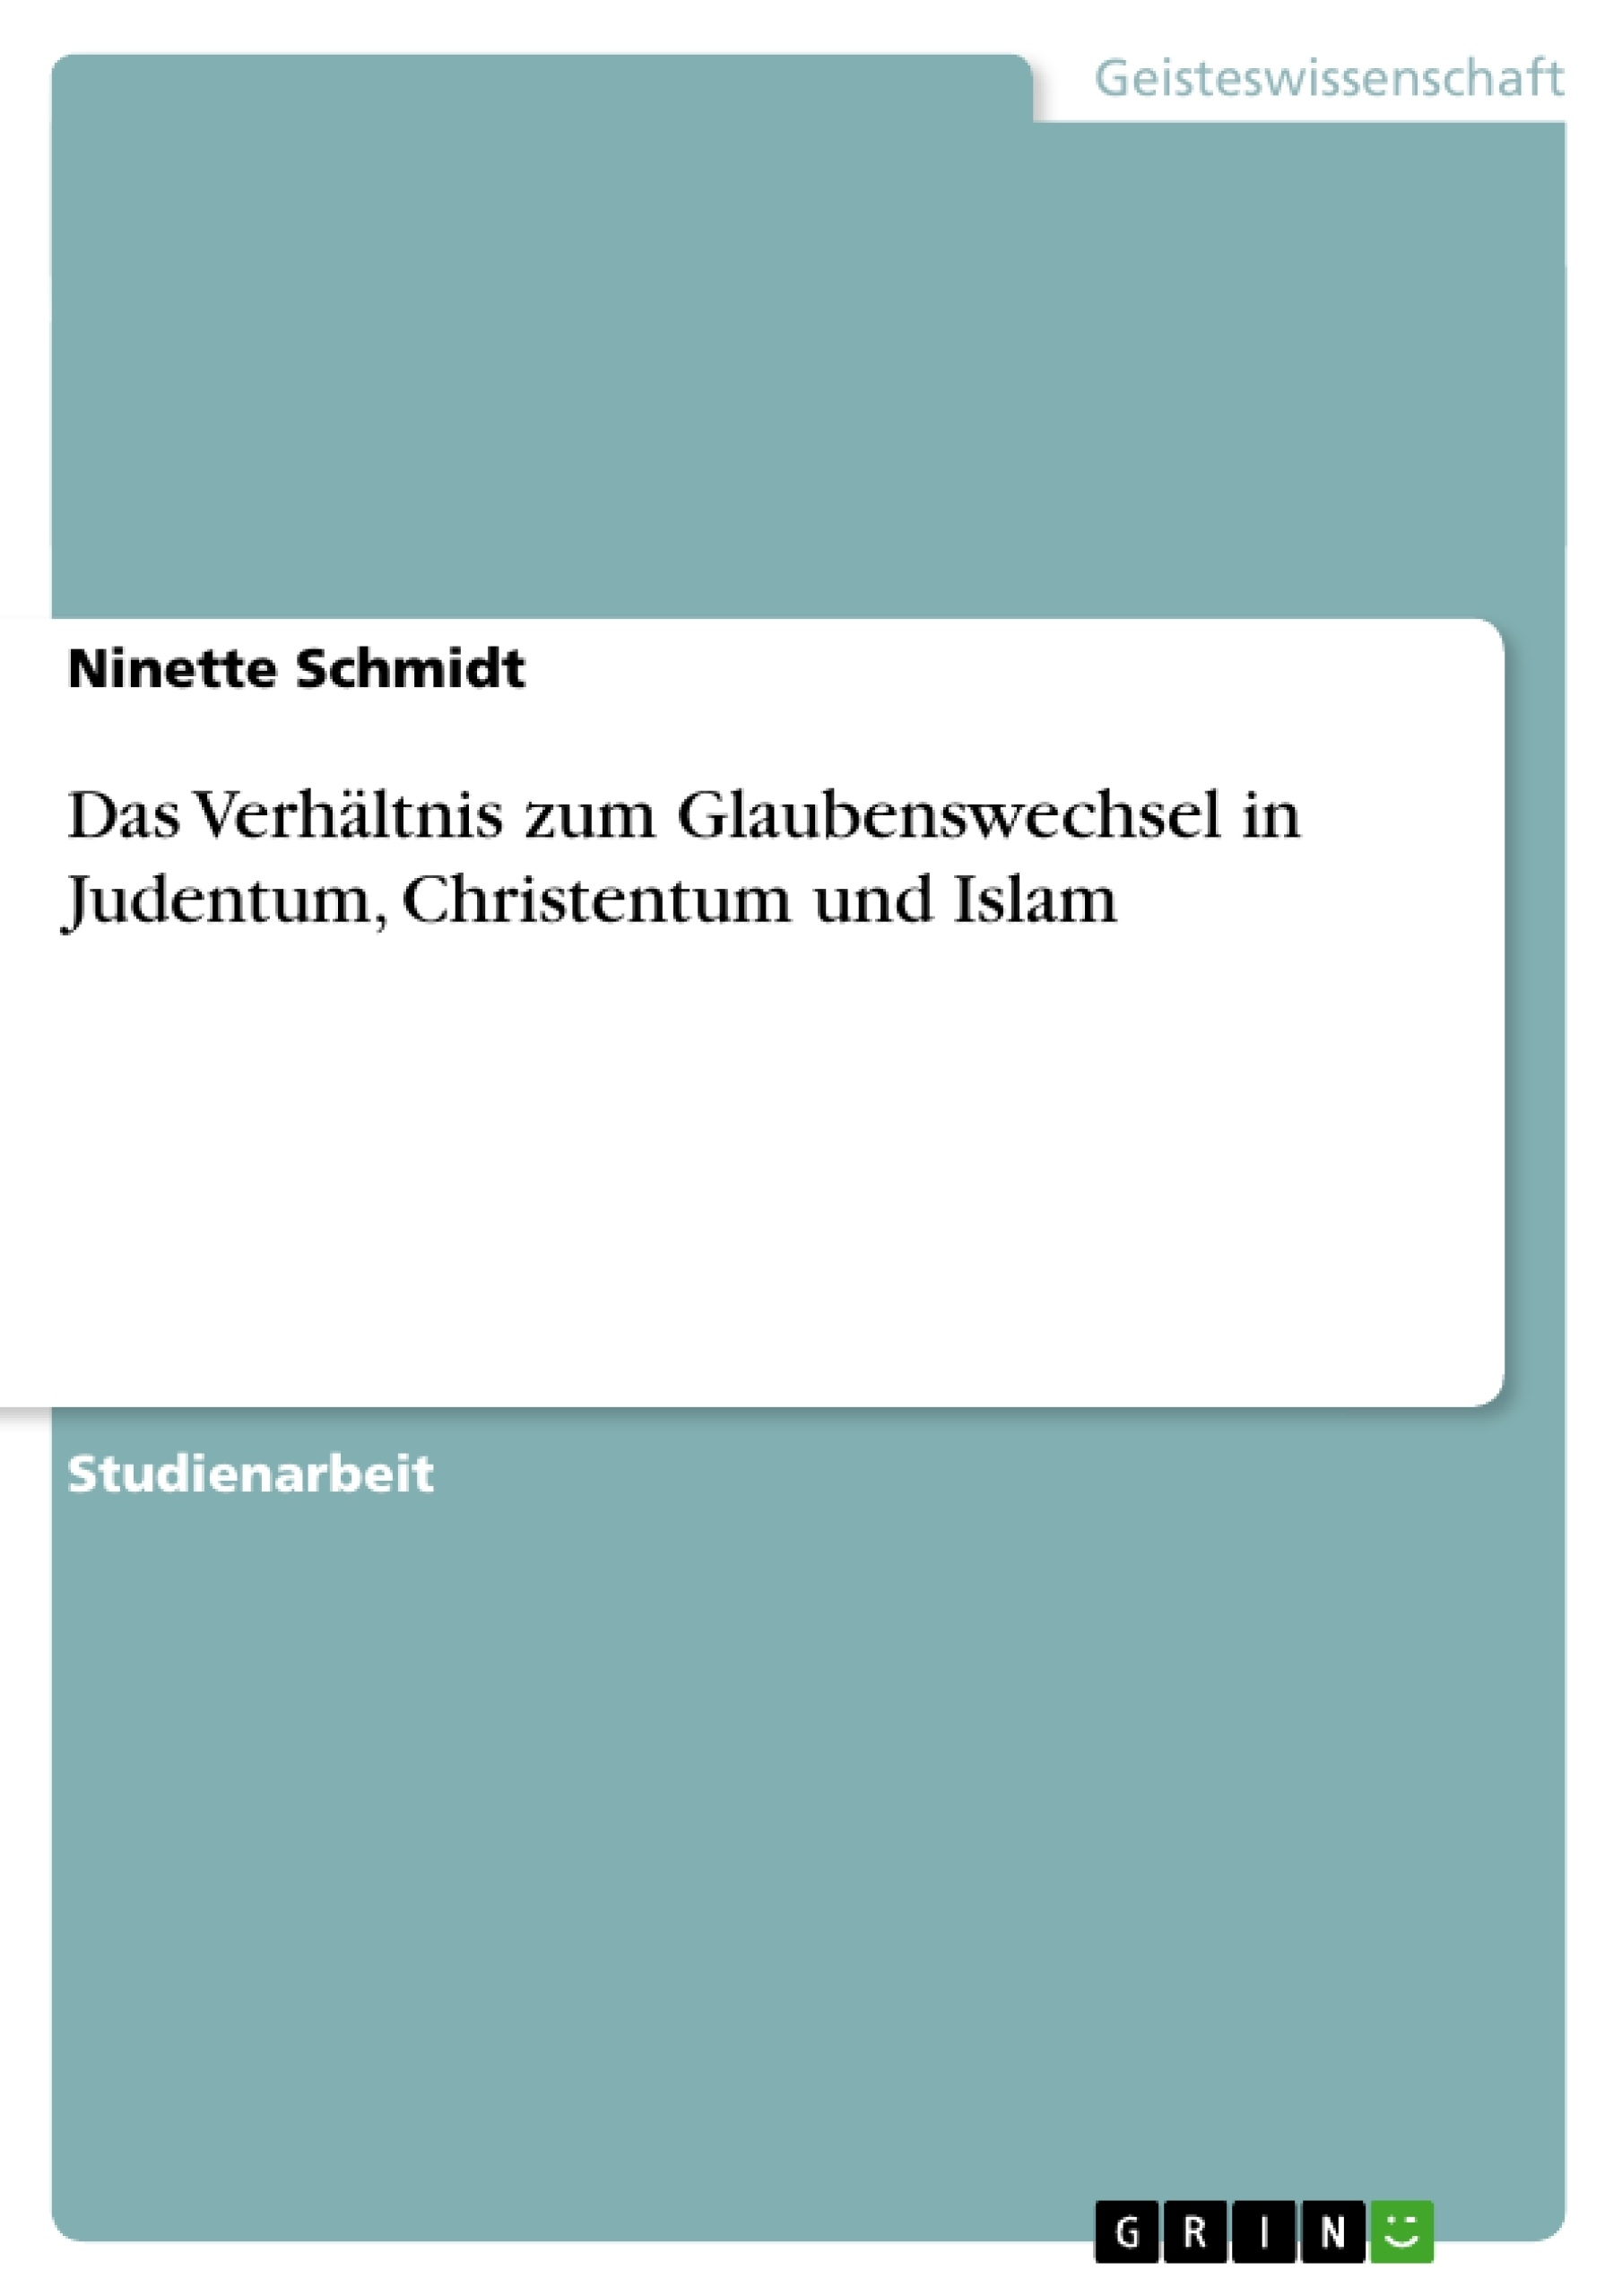 Titel: Das Verhältnis zum Glaubenswechsel in Judentum, Christentum und Islam